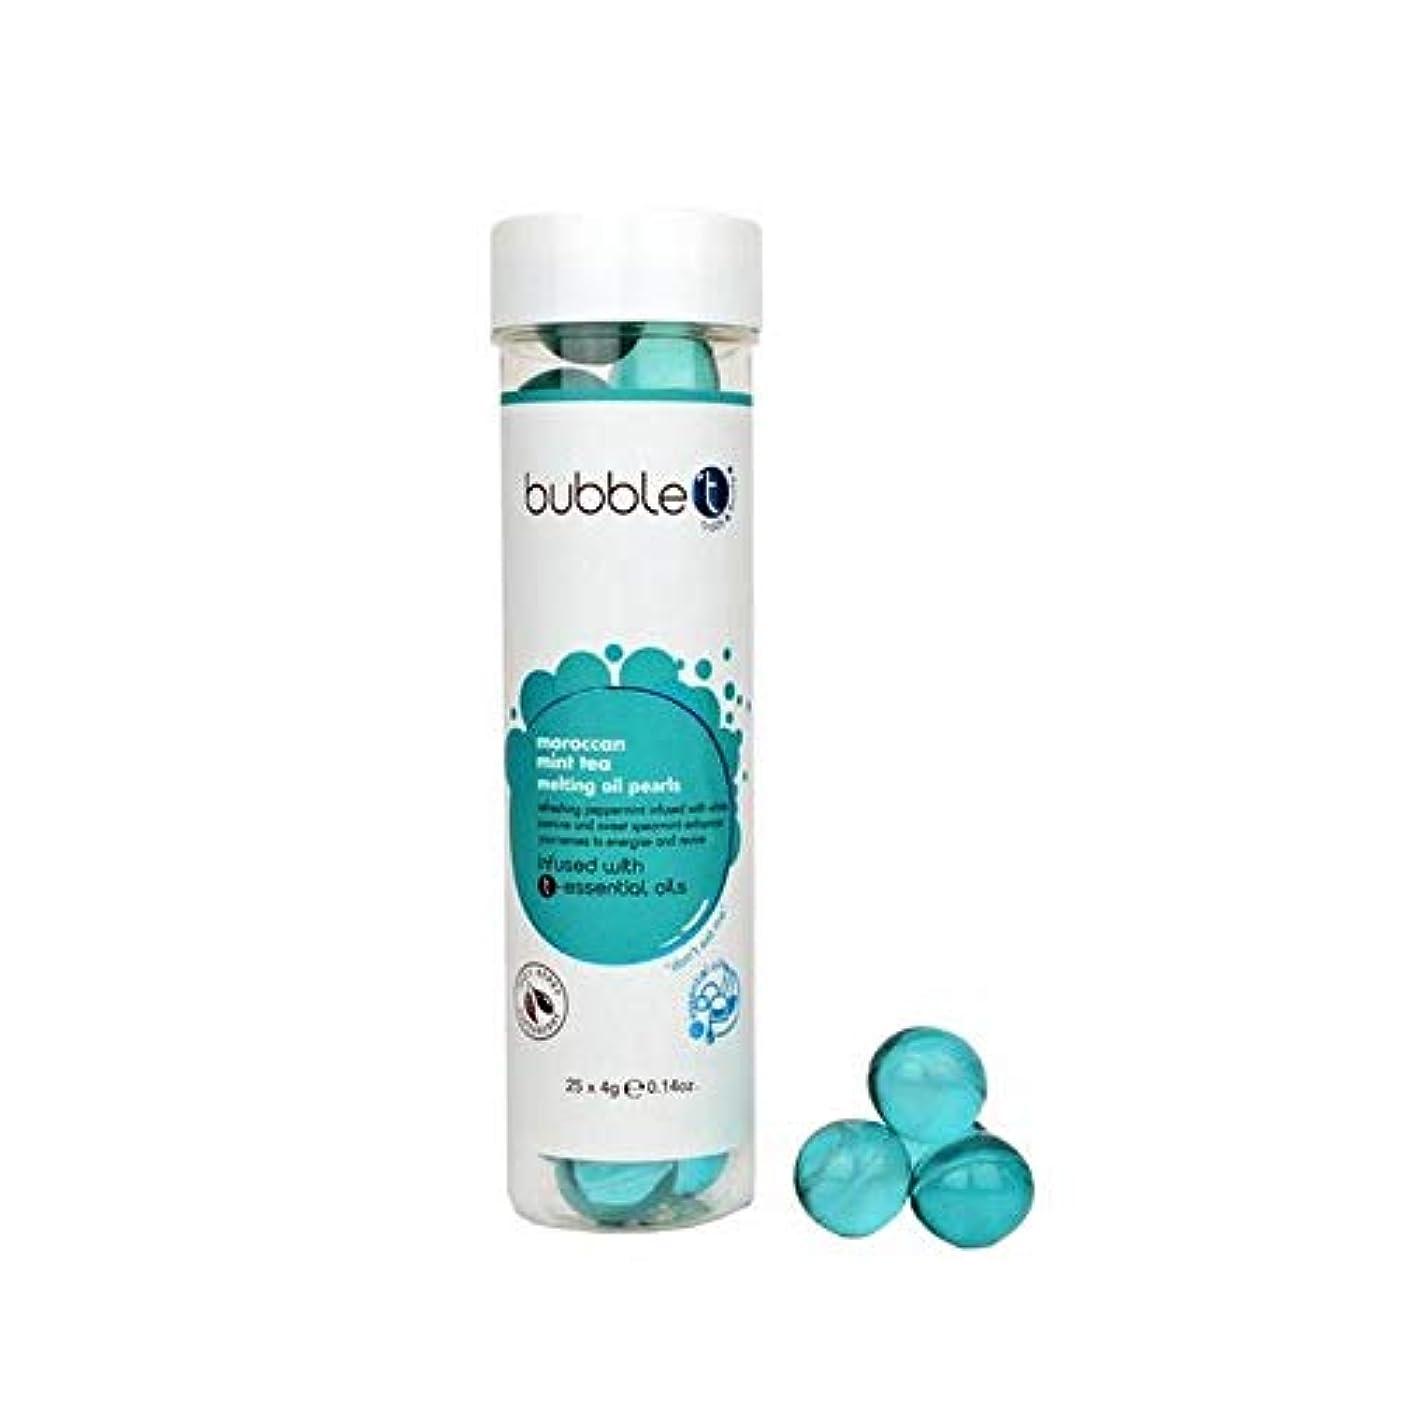 満足できる答え牧草地[Bubble T ] バブルトン化粧品モロッコのミントティー風呂真珠の100グラム - Bubble T Cosmetics Moroccan Mint Tea Bath Pearls 100g [並行輸入品]